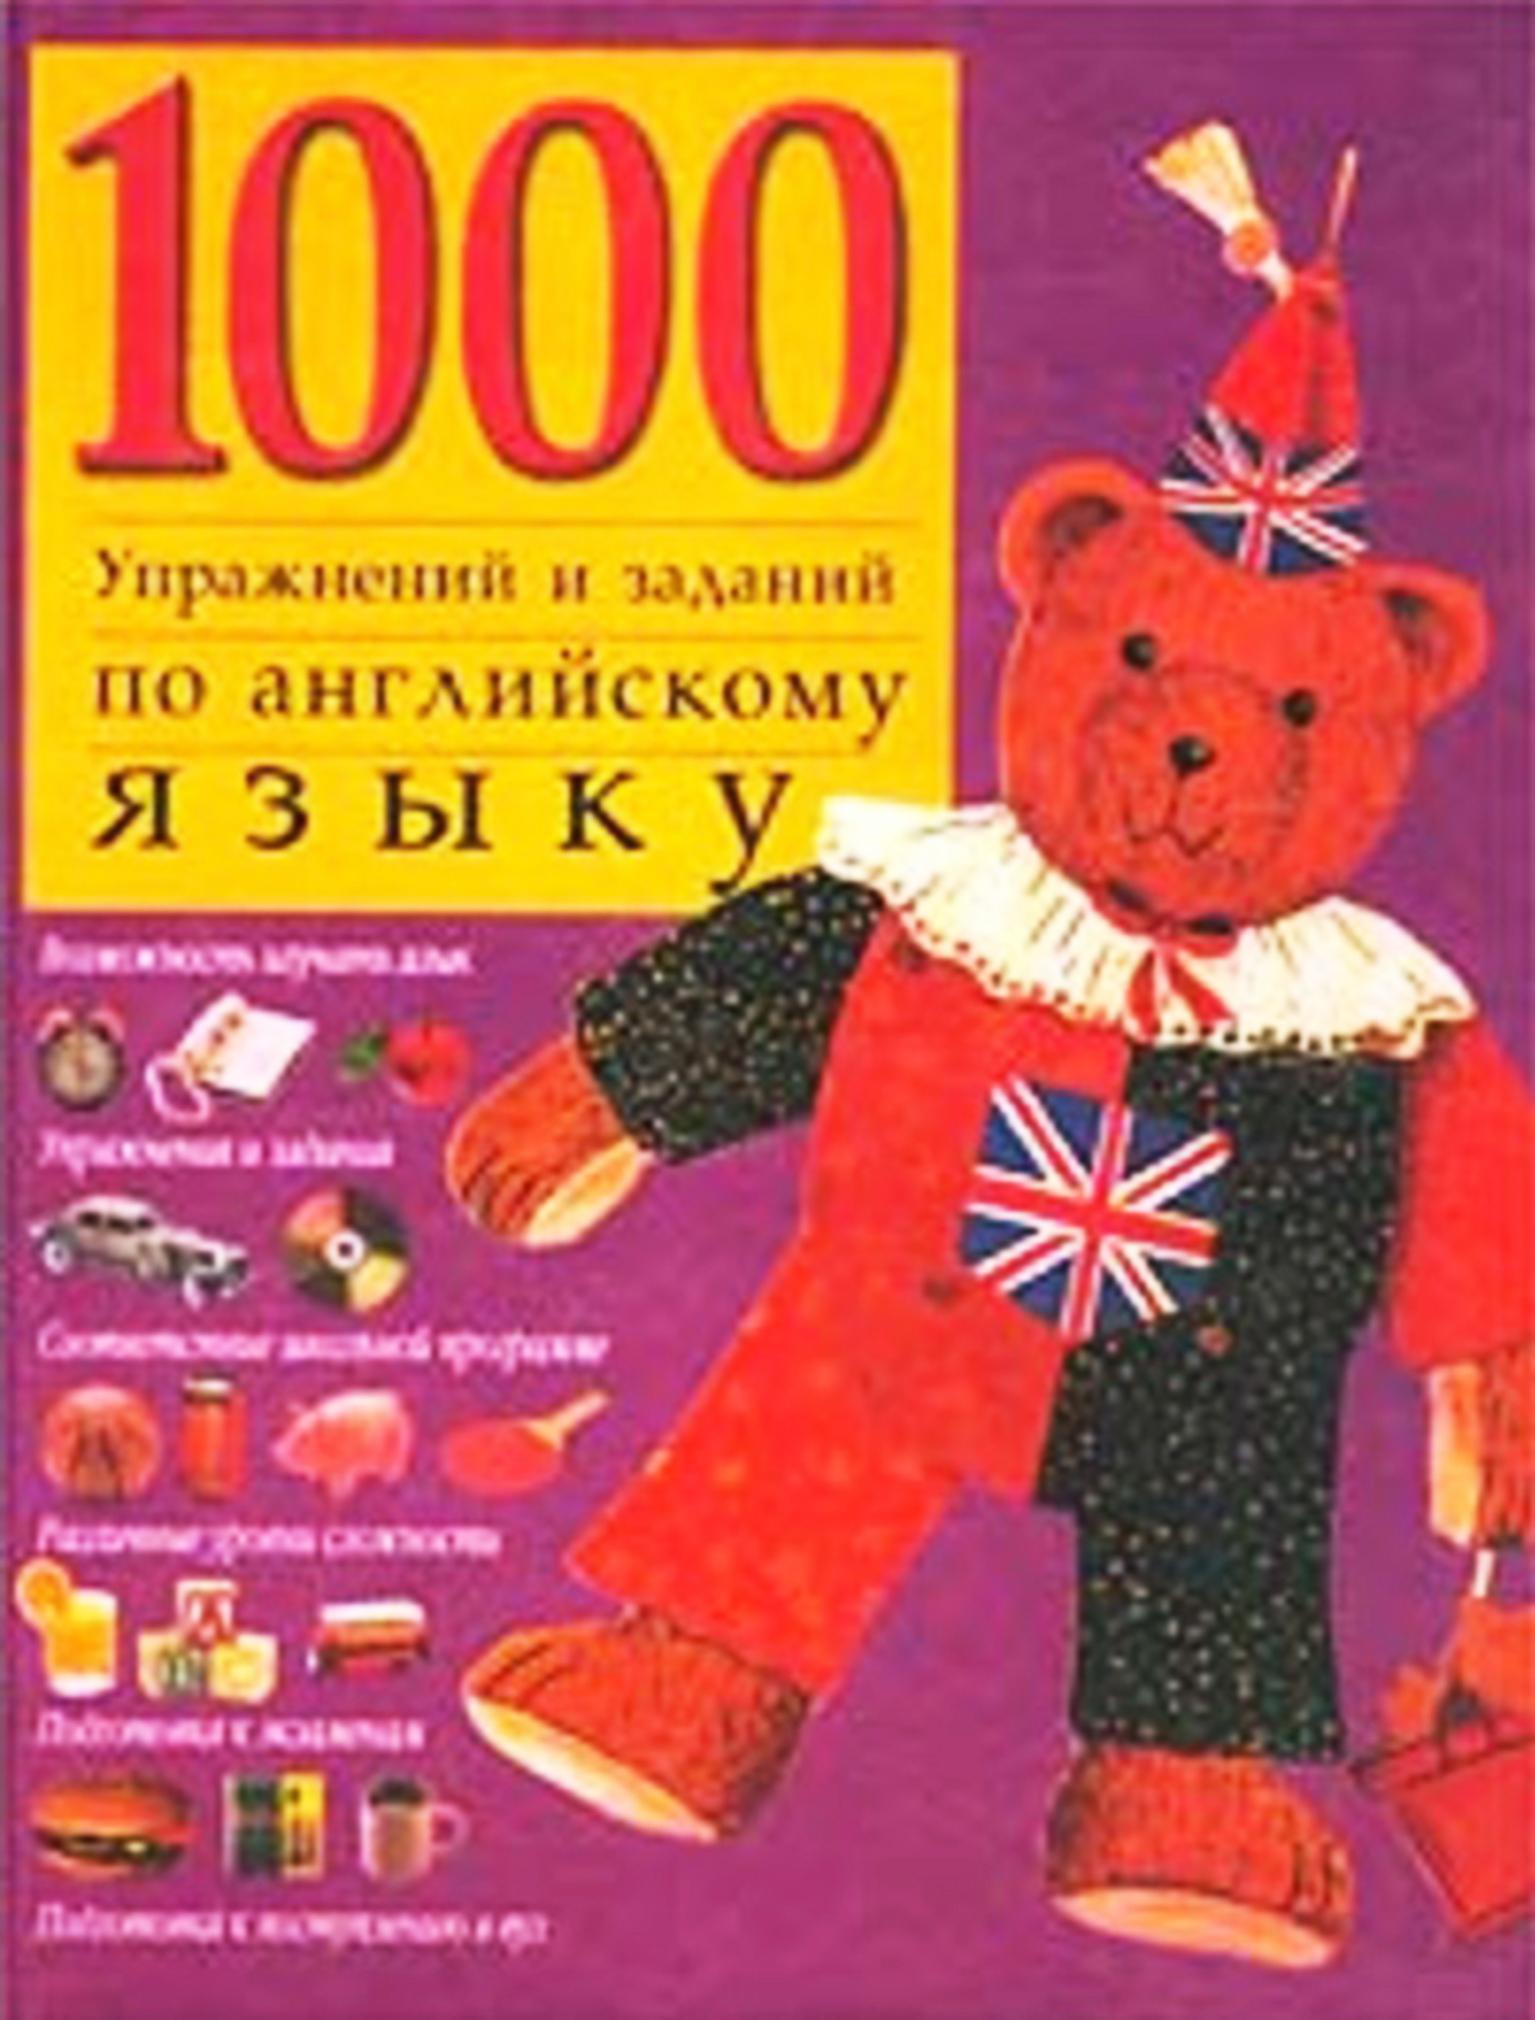 Купить книгу 1000 упражнений и заданий по английскому языку, автора